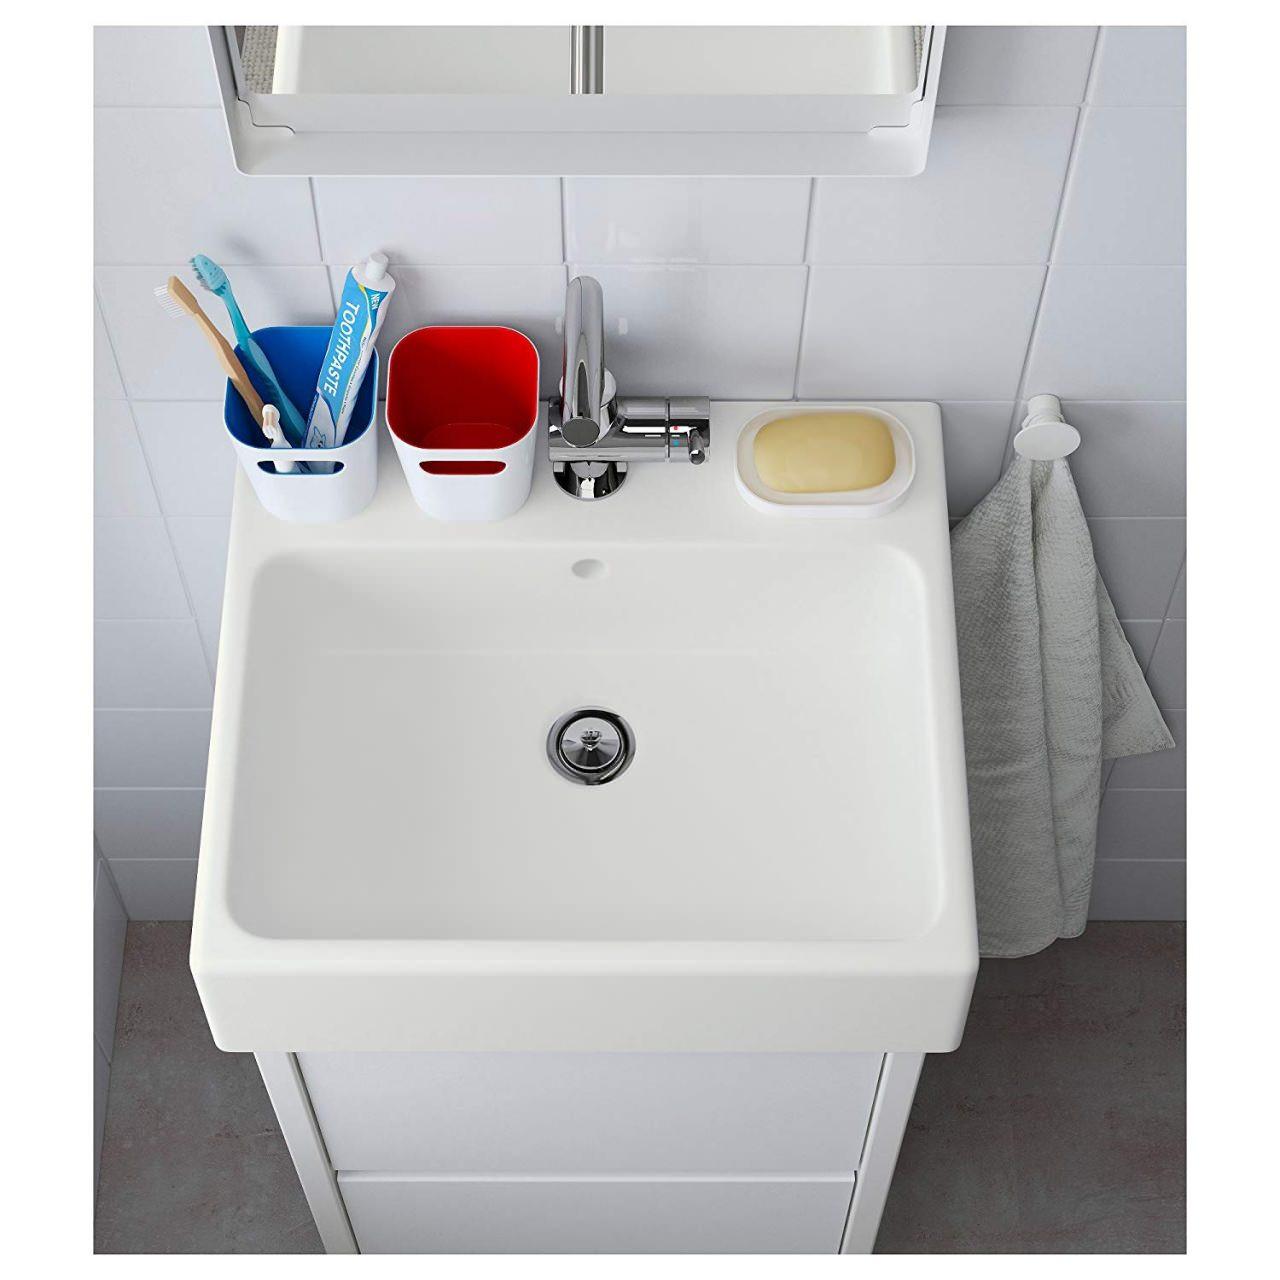 Küche Waschbecken  Ikea Küche Waschbecken — Küche De Paris